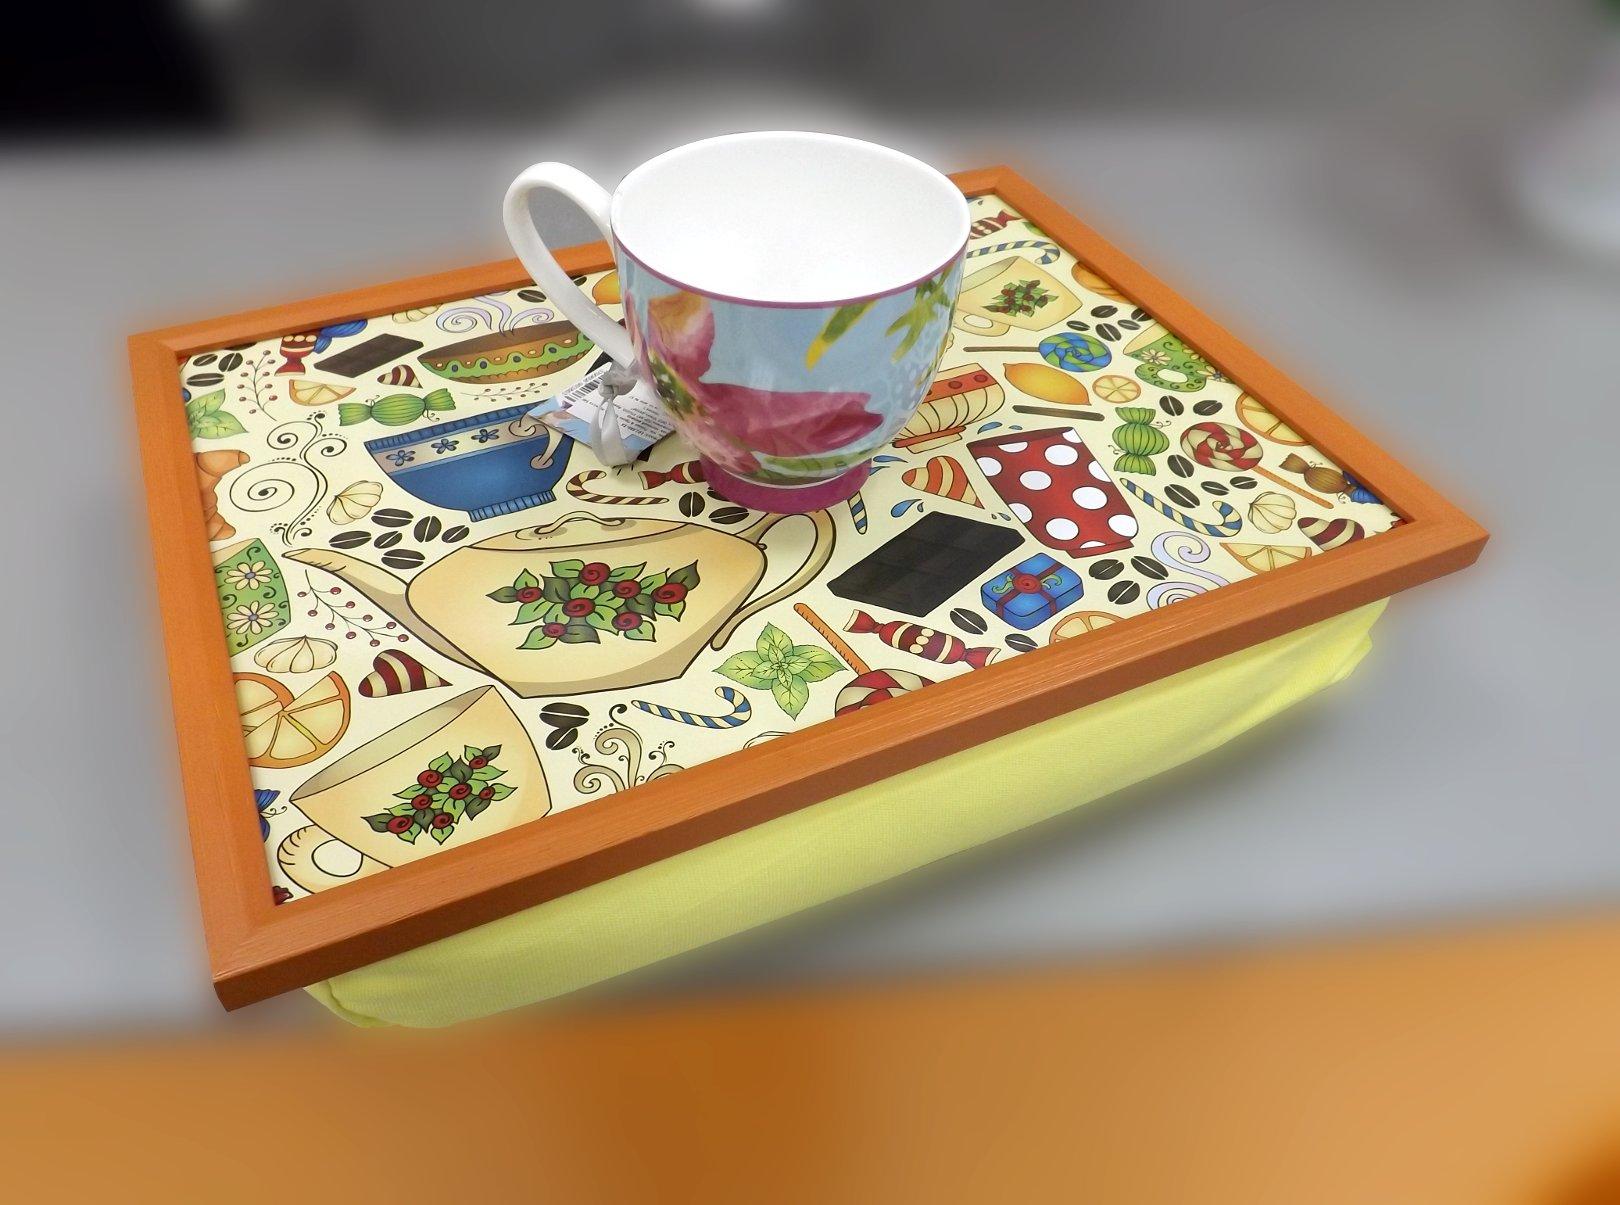 Поднос на подушке со стилизованным рисунком на кондитерскую тему и кружка из костяного фарфора из серии Поэзия & Проза от Top Art Studio